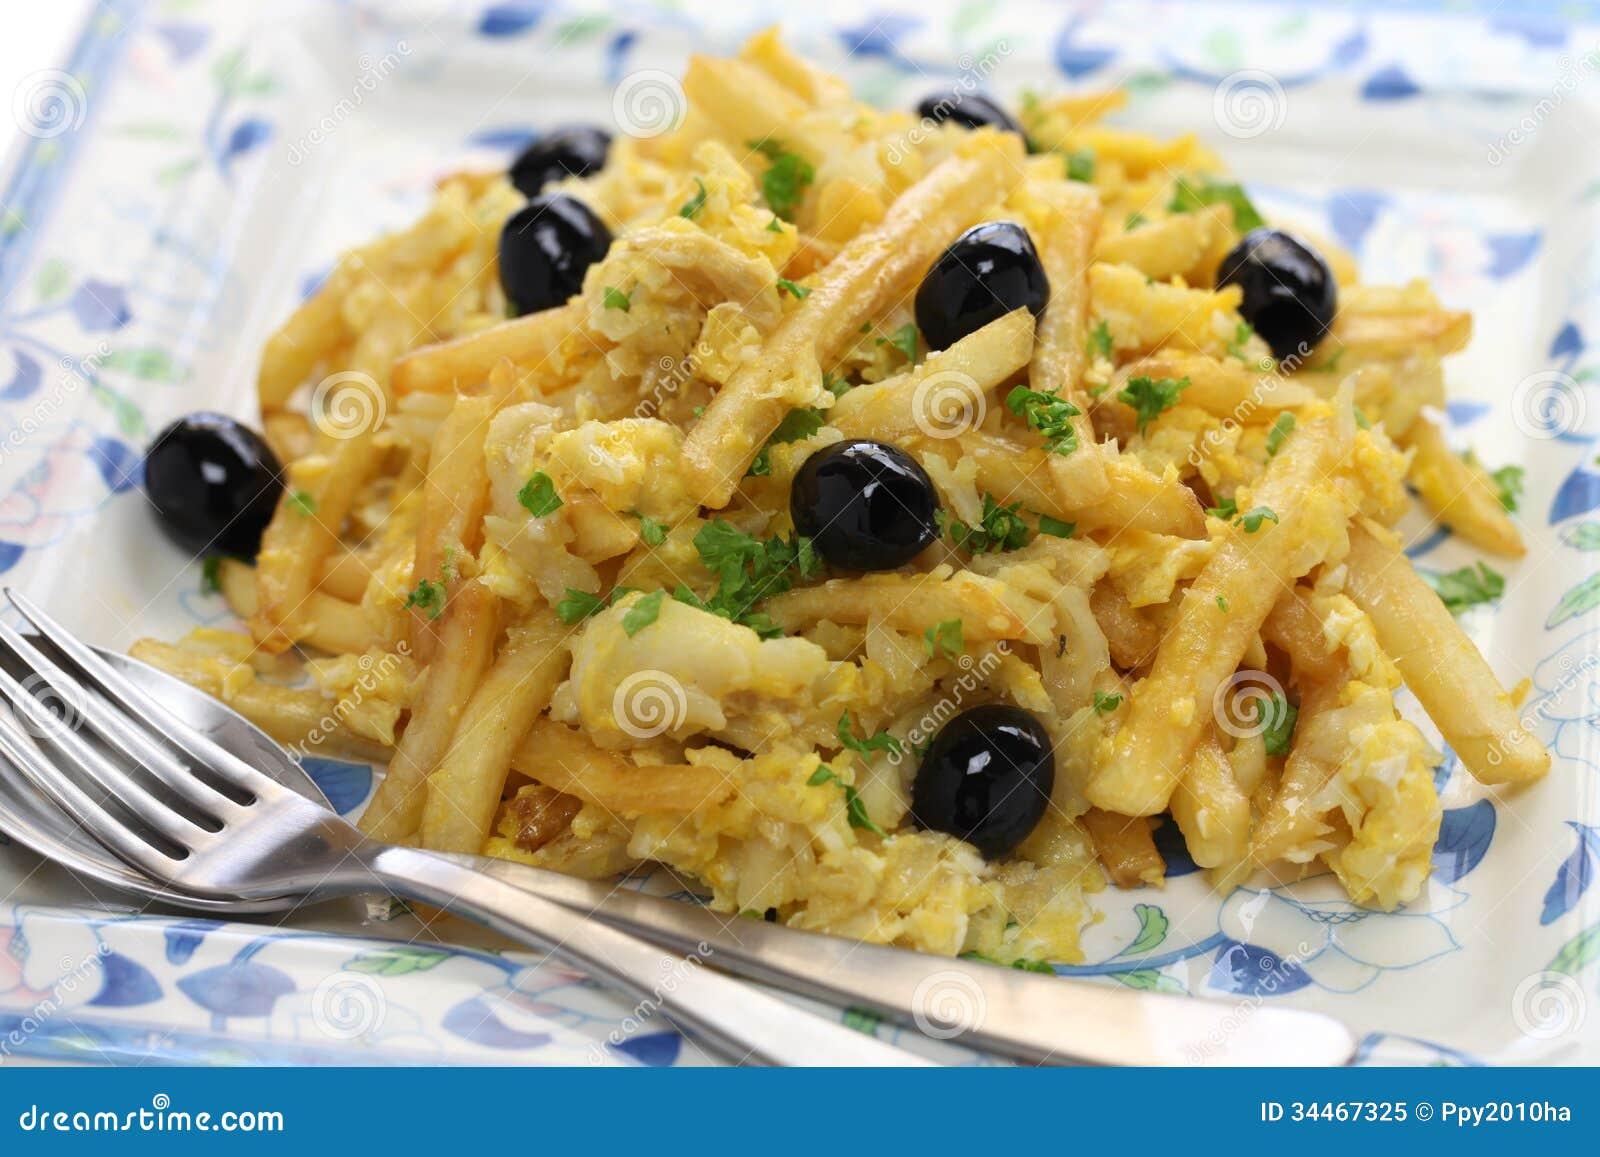 Bacalhau soutiens gorge cuisine portugaise photo libre de for Cuisine portugaise